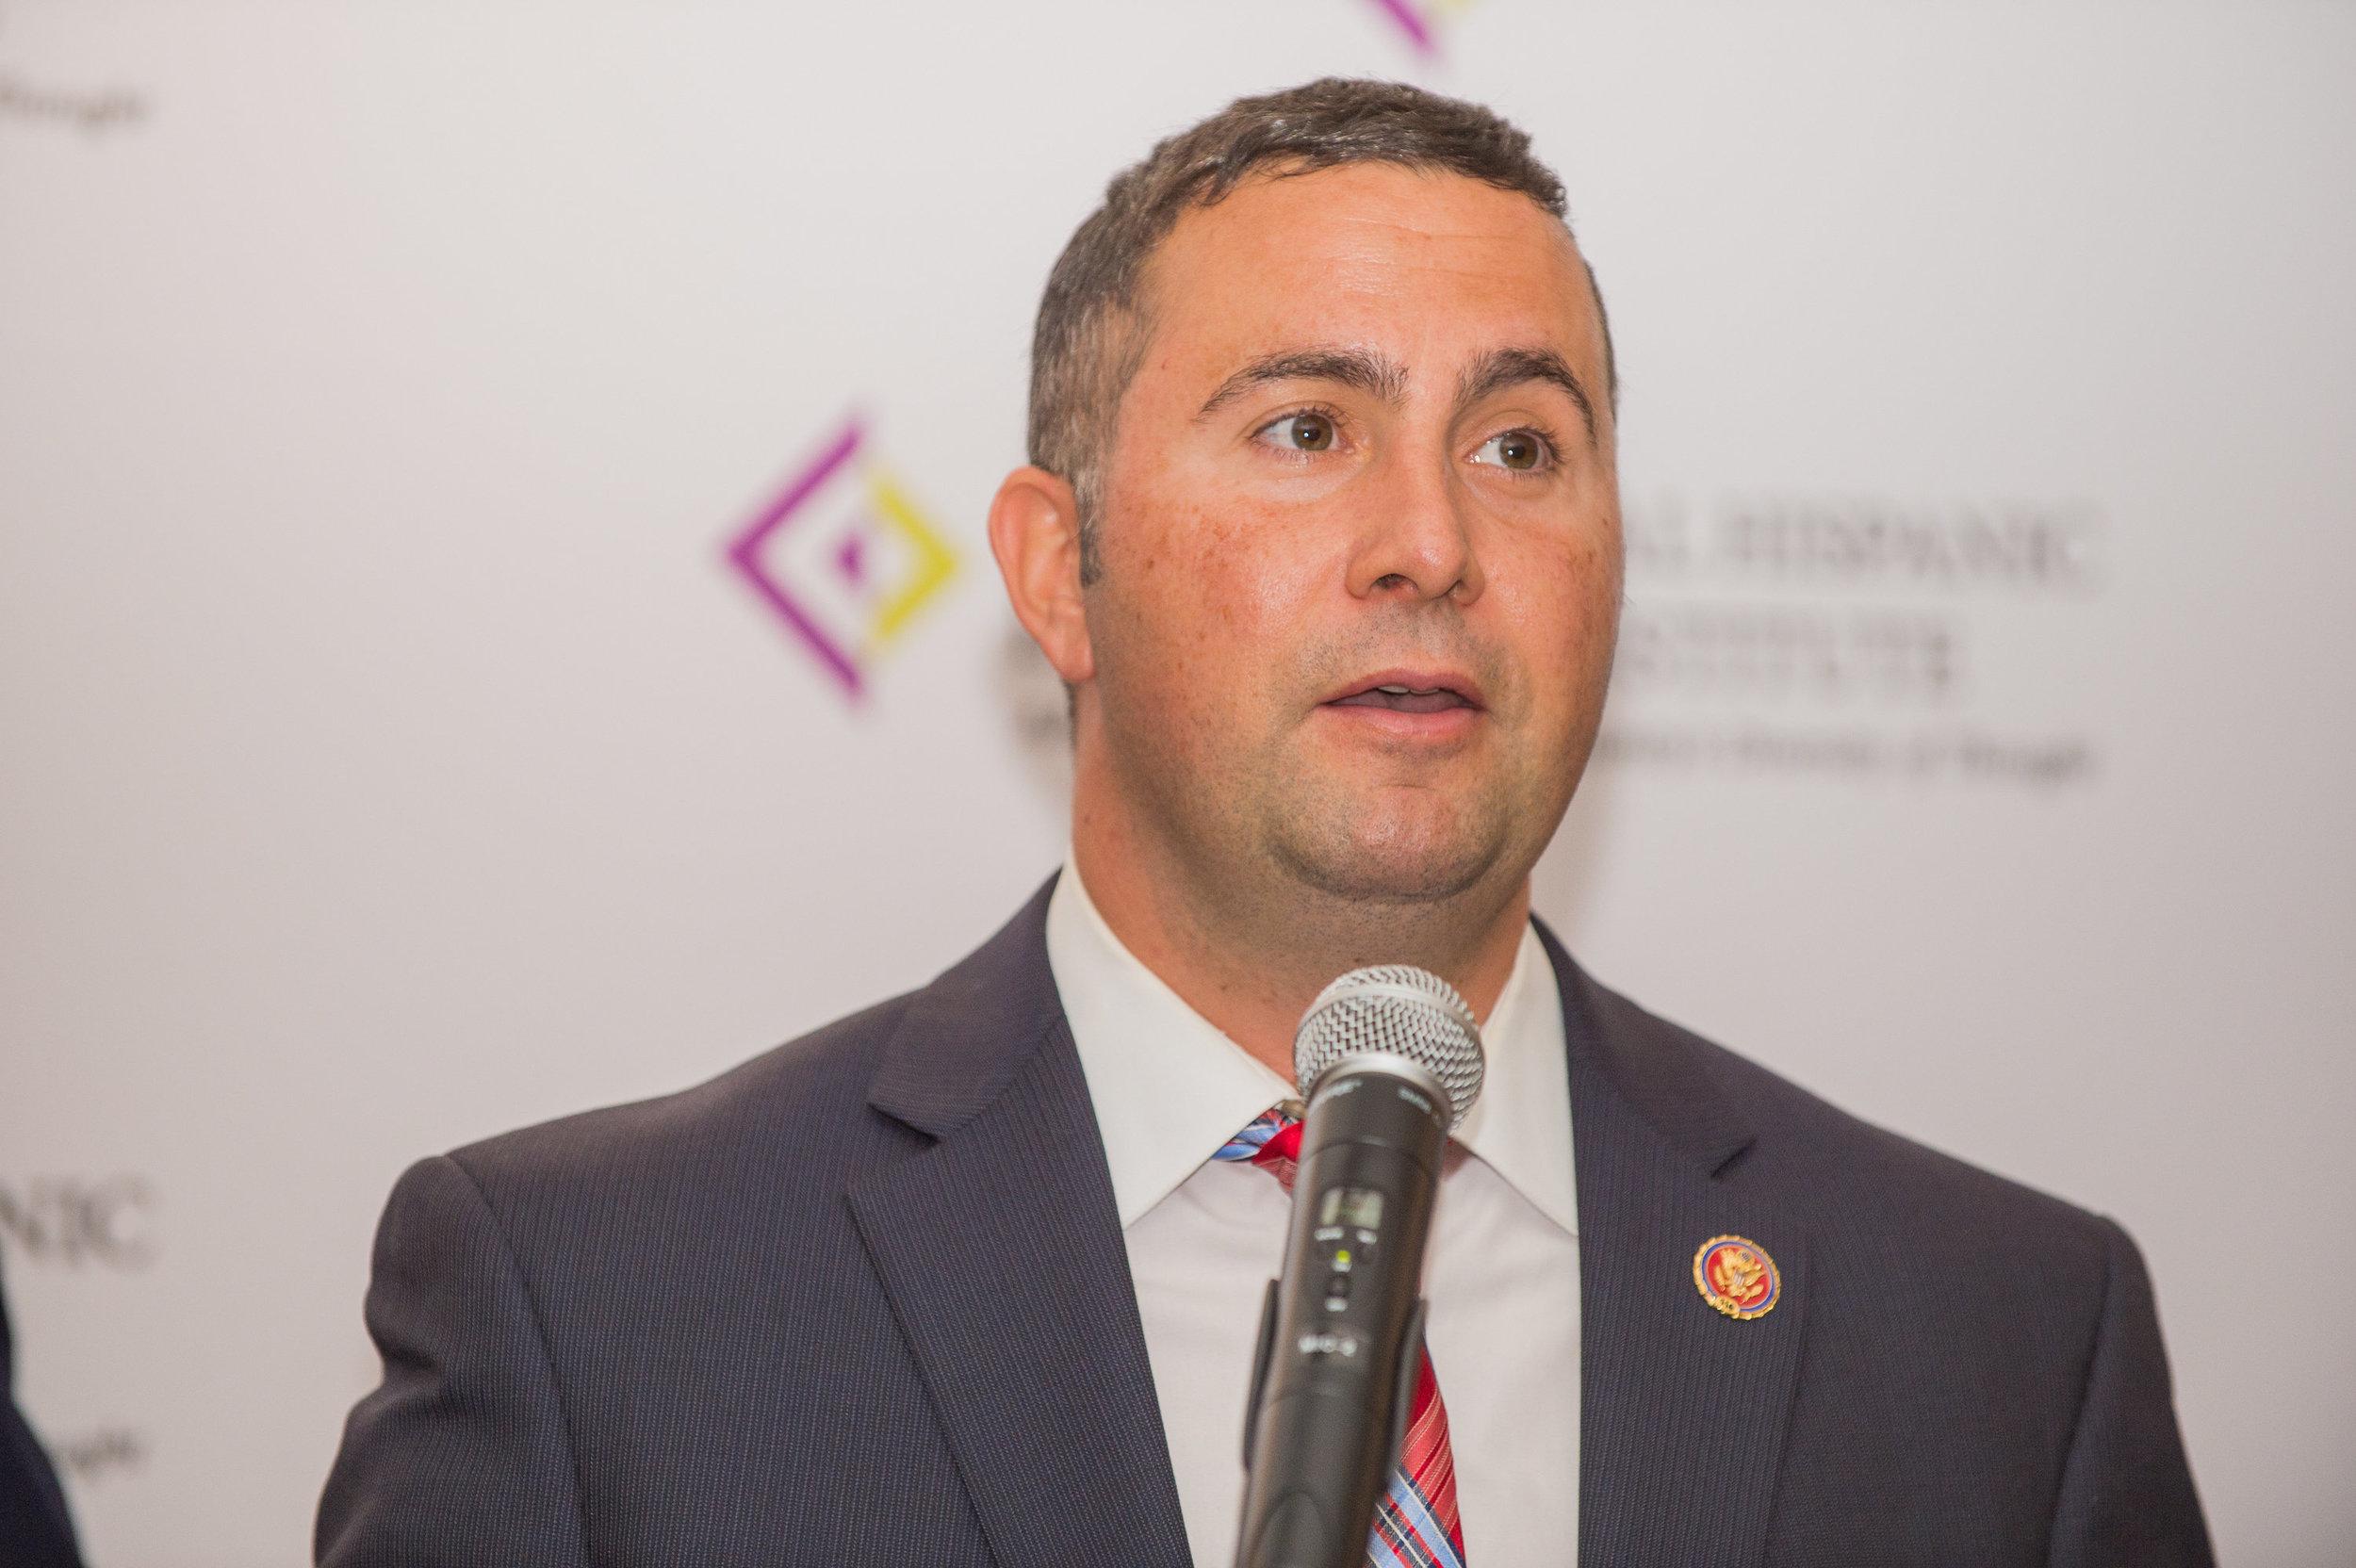 Congressman Darren Soto